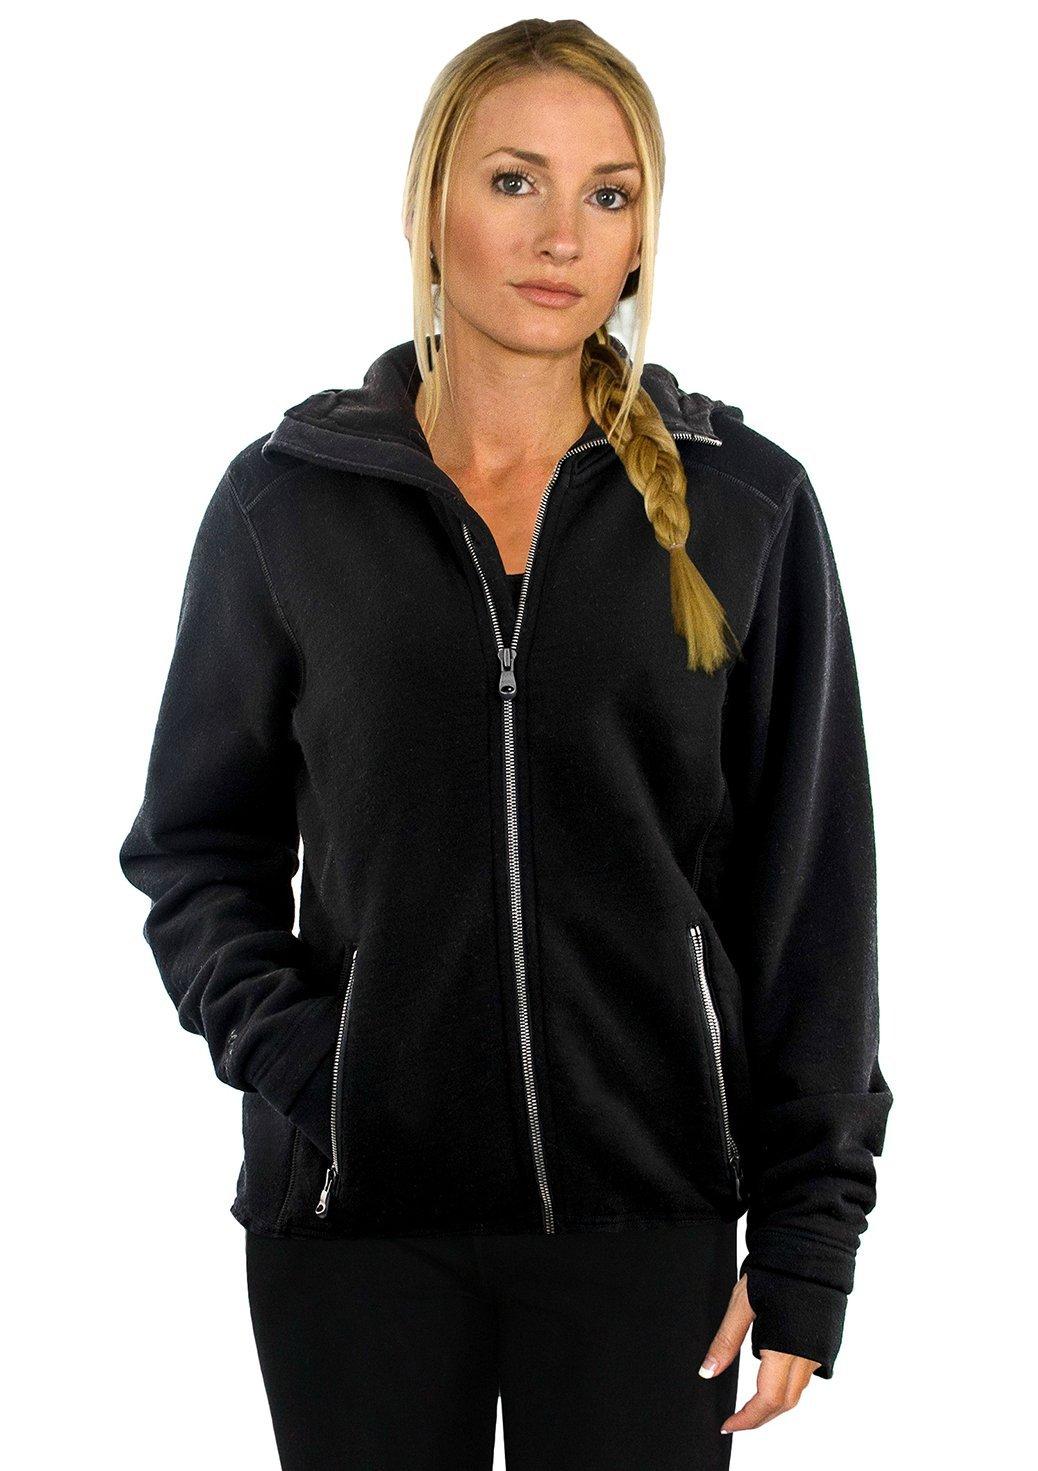 WoolX Women's Merino Wool Sweatshirt – Full Zip Hooded Wool Hoodie – The Cubby